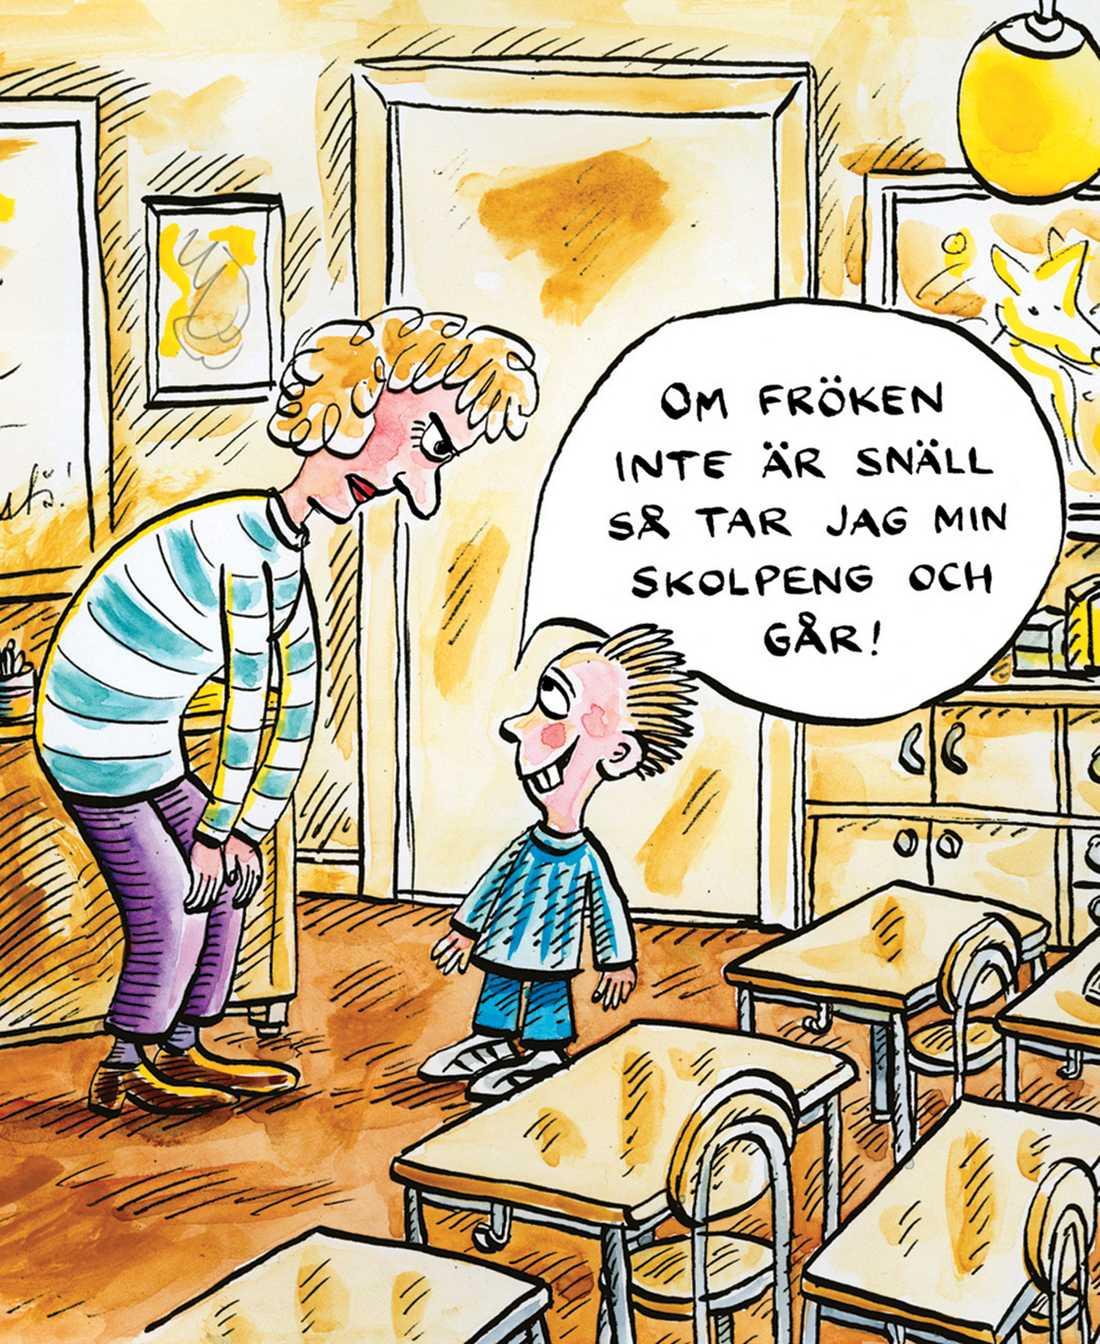 underkänt Det fria skolvalet har dramatiskt ökat skillnaderna mellan barn i den svenska skolan.